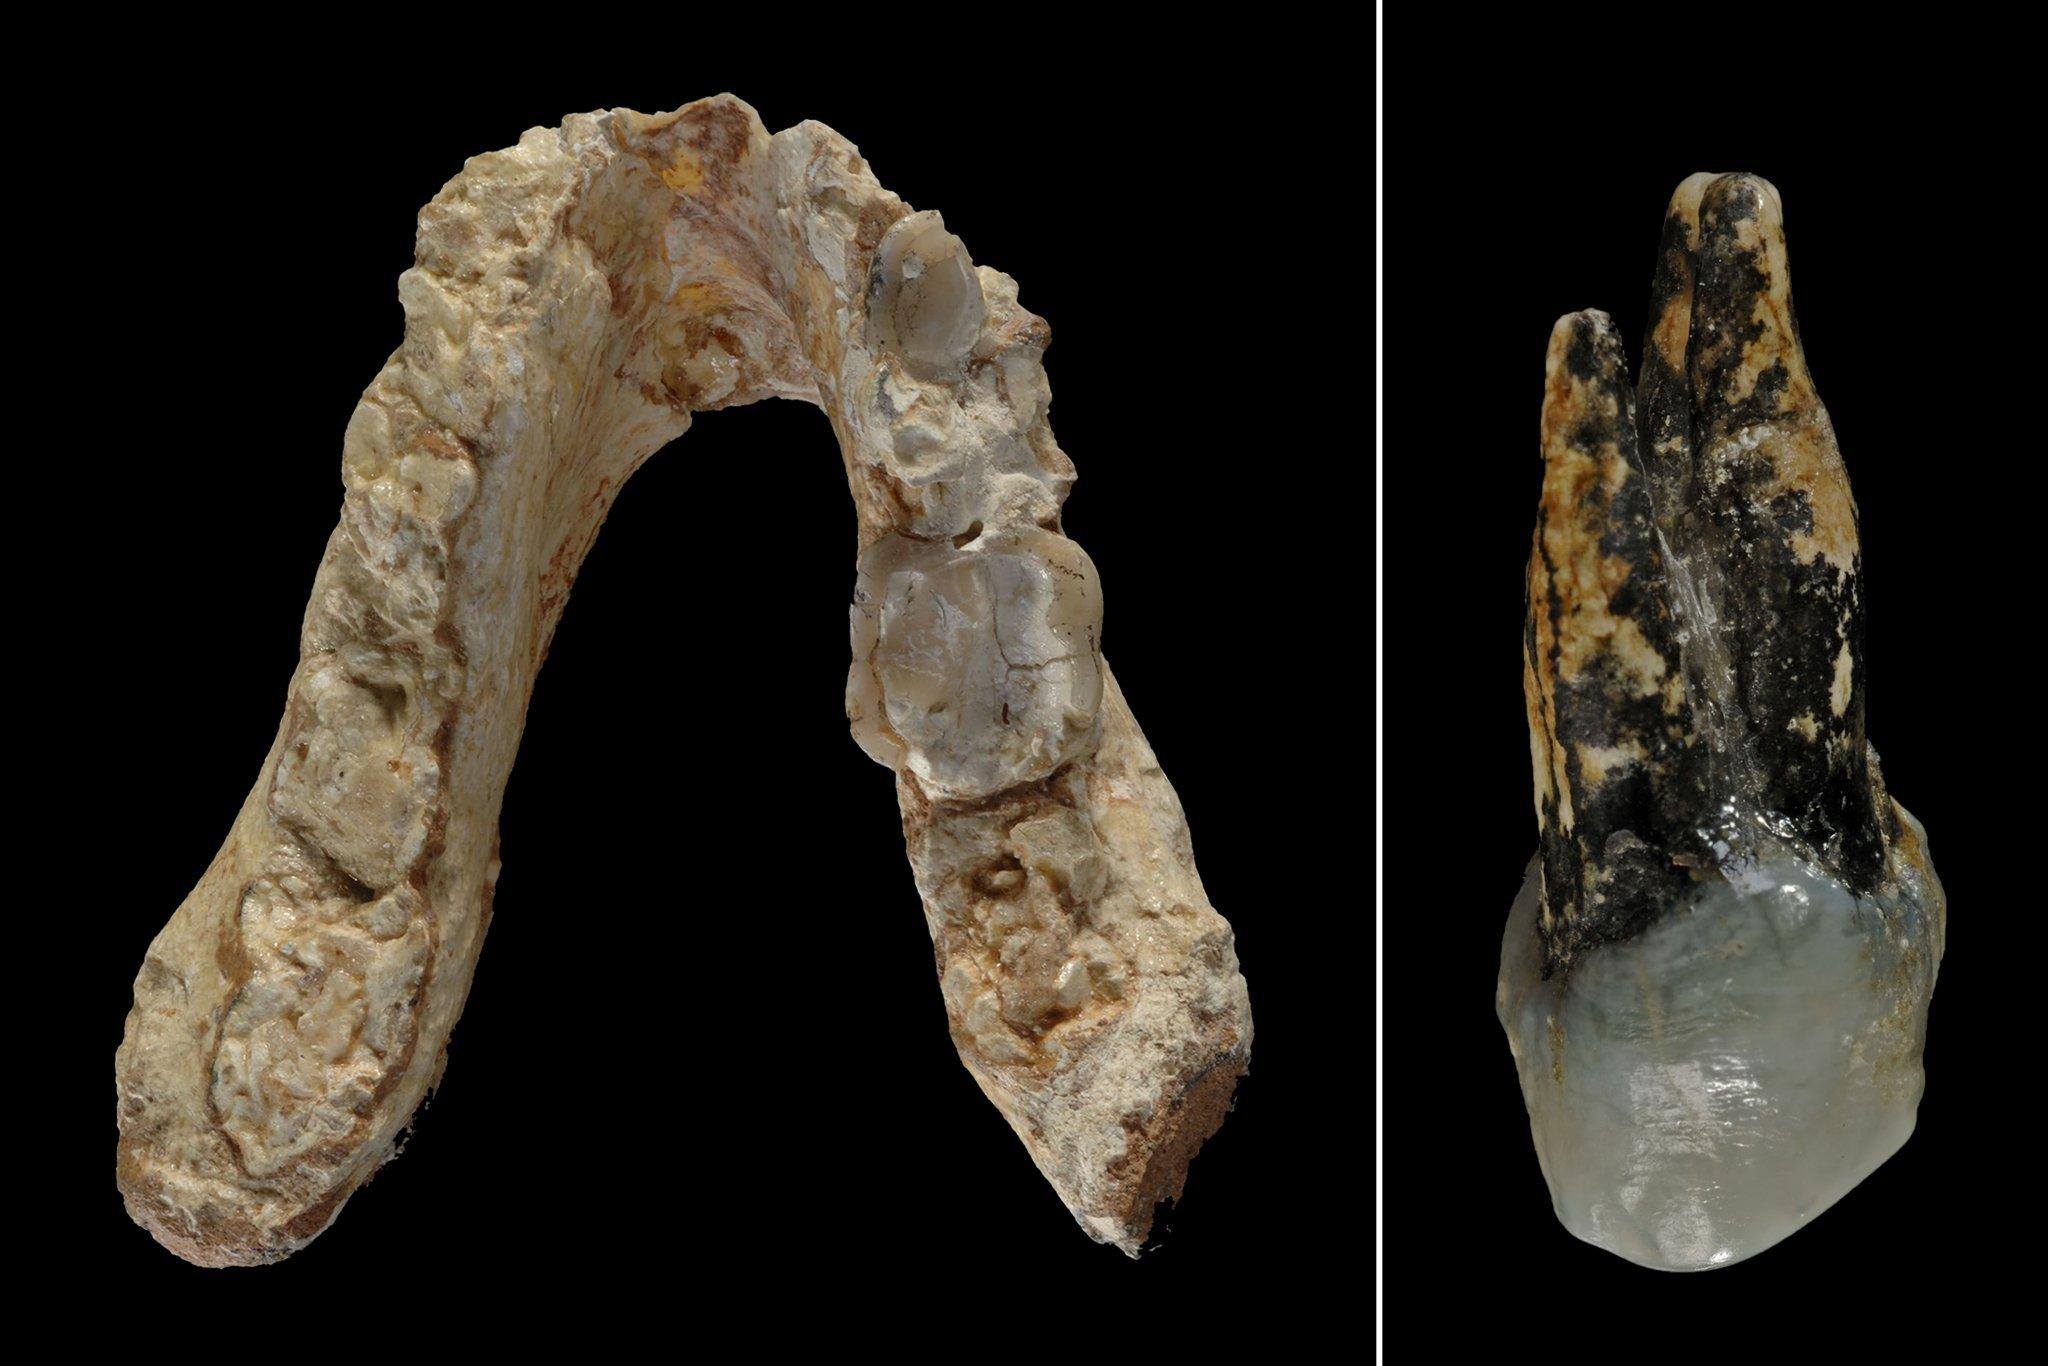 Auf dem Foto ist links der fossile Unterkiefer und rechts ein Vorbackenzahn von Graecopithecus freybergi zu sehen. Die Tübinger Forscherin Madelaine Böhme glaubt, dass es sich um die Relikte eines Vormenschen handelt, der vor mehr als sieben Millionen Jahren in Europa lebte und bereits aufrecht gehen konnte. Die Funde wurden in Griechenland und Bulgarien gemacht.